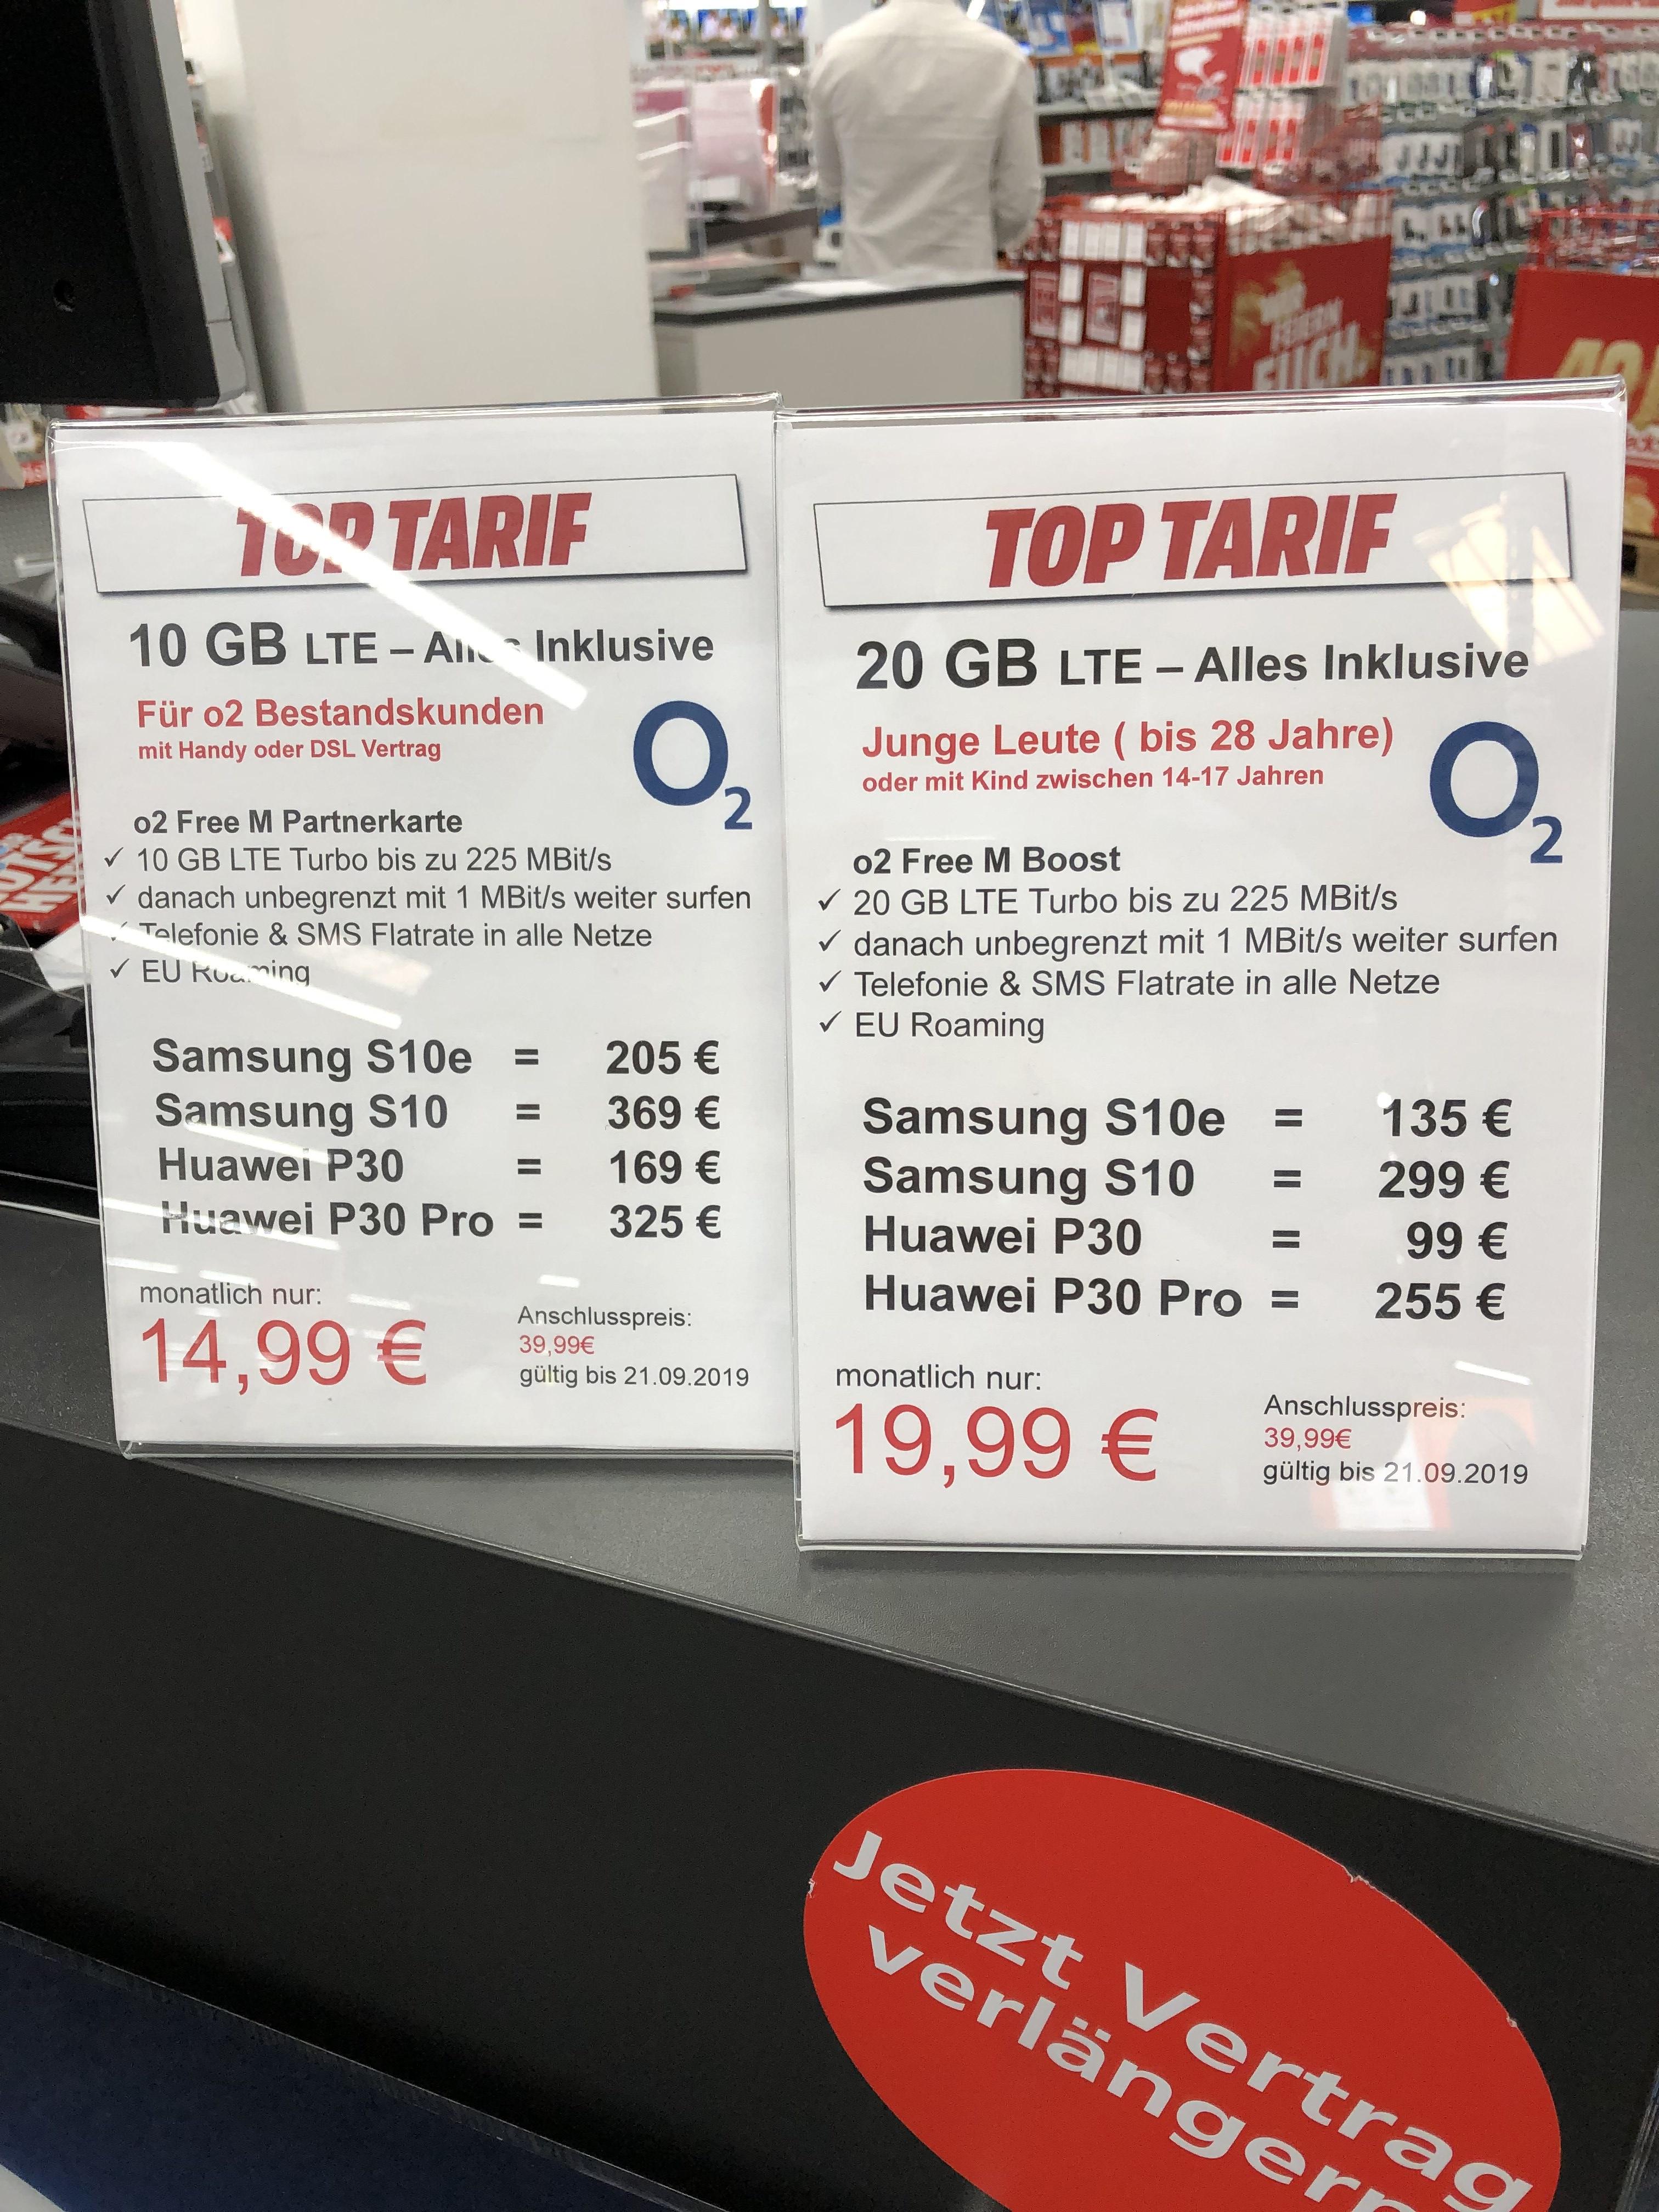 (LOKAL KÖLN) o2 Free M Boost 20 GB Junge Leute für effektiv 9,24 € / Free M Partnerkarte 10 GB für effektiv 7,16 € bei Verkauf der Hardware